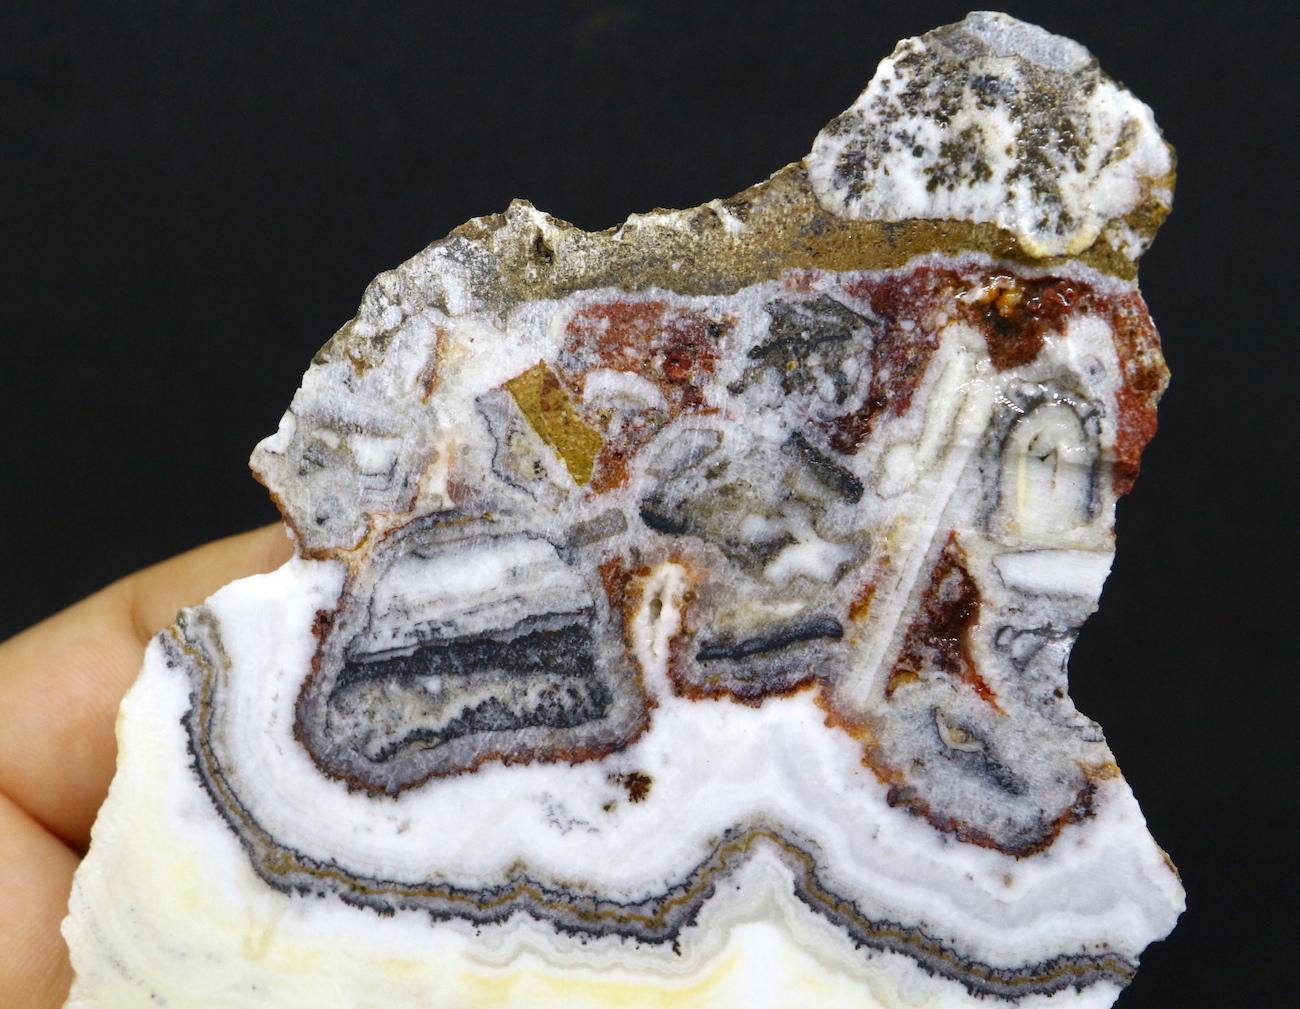 カリフォルニア産 シルバーレースオニキス 126,2g 原石 SLO010